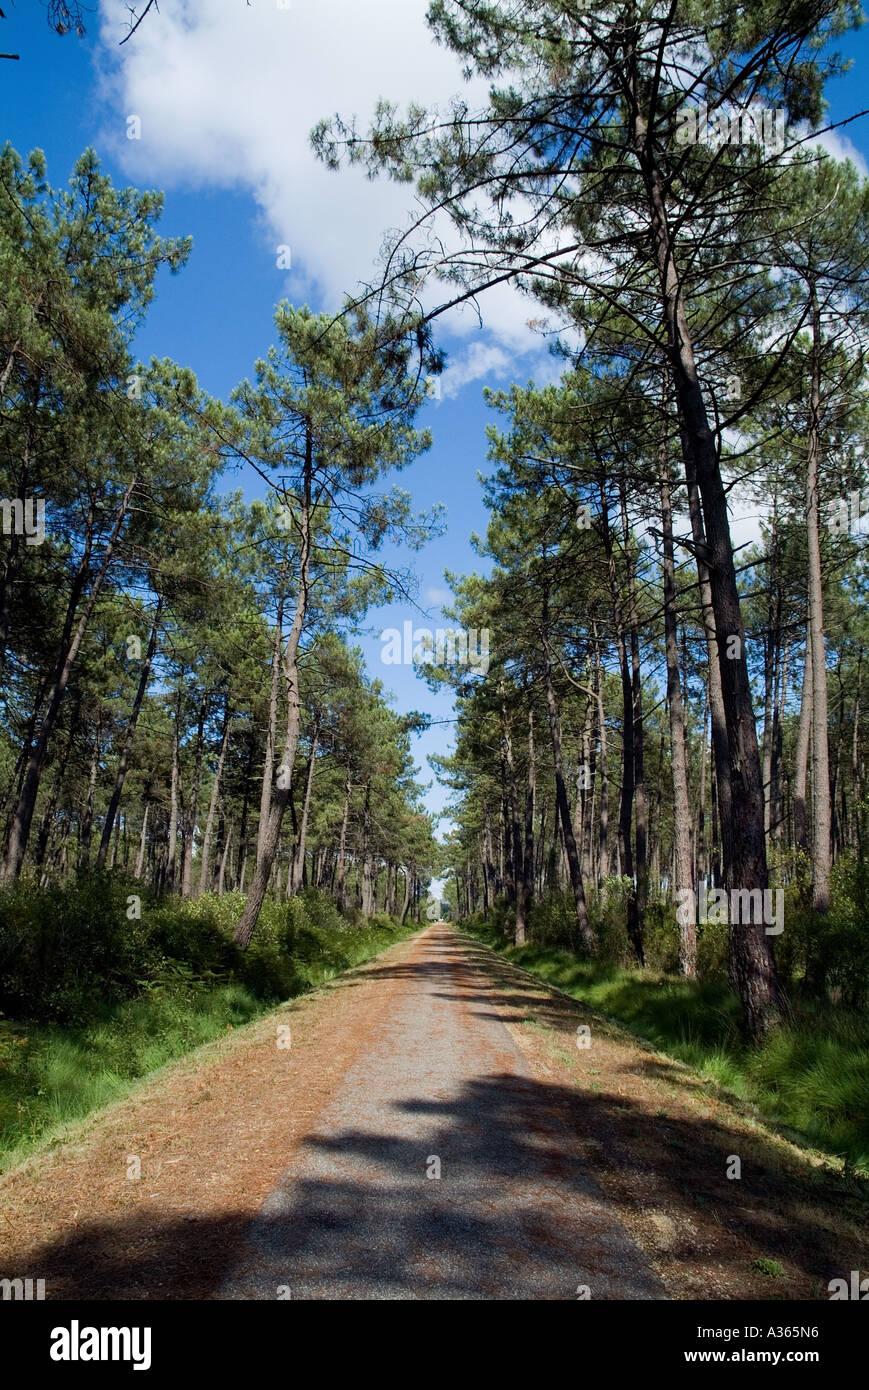 Piste cyclable de la forêt des Landes à Hostens en Gironde, Aquitaine, France Photo Stock